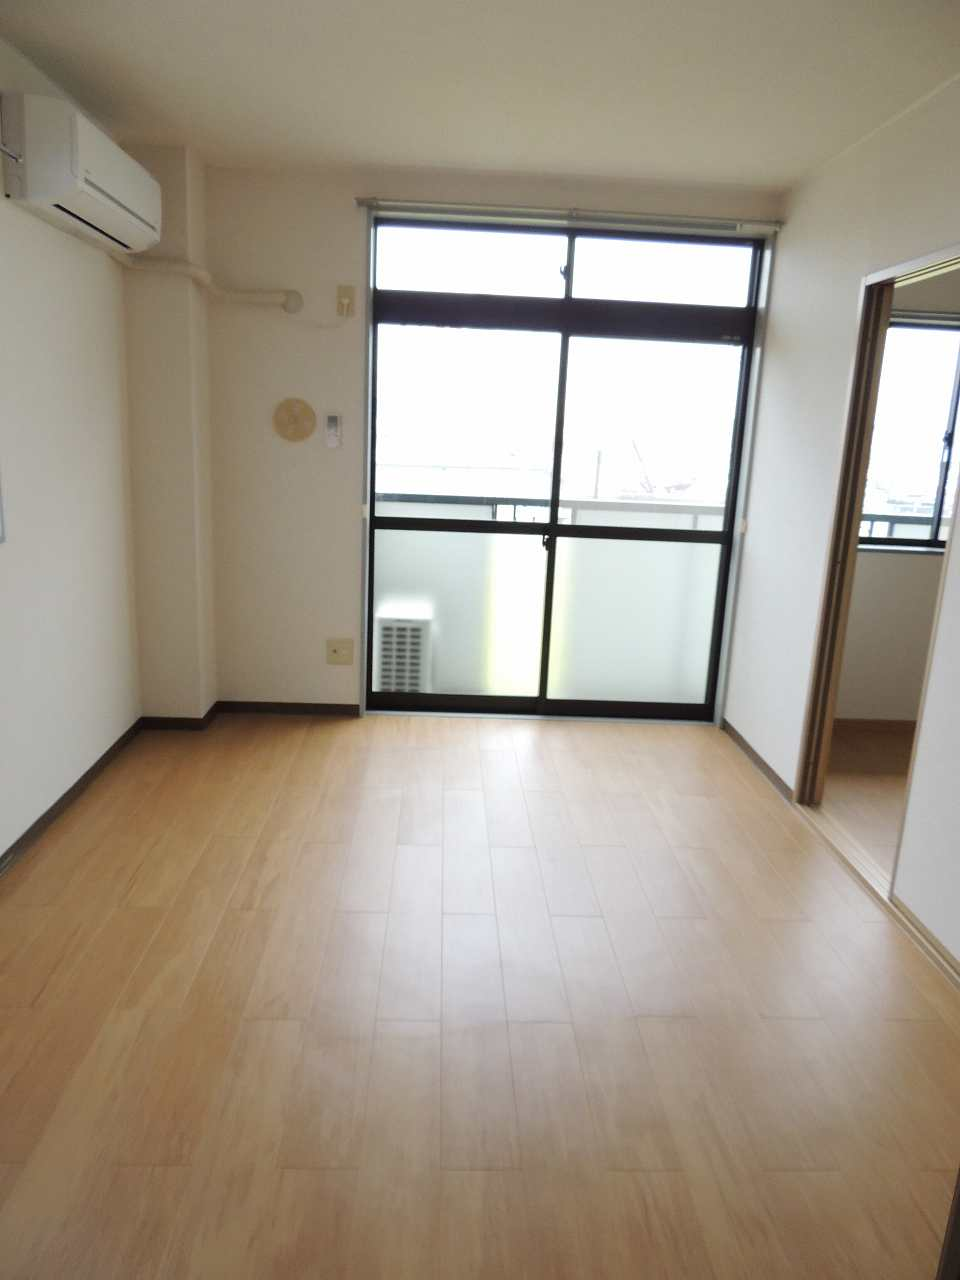 ミューズ松本Ⅴ 02010号室のその他